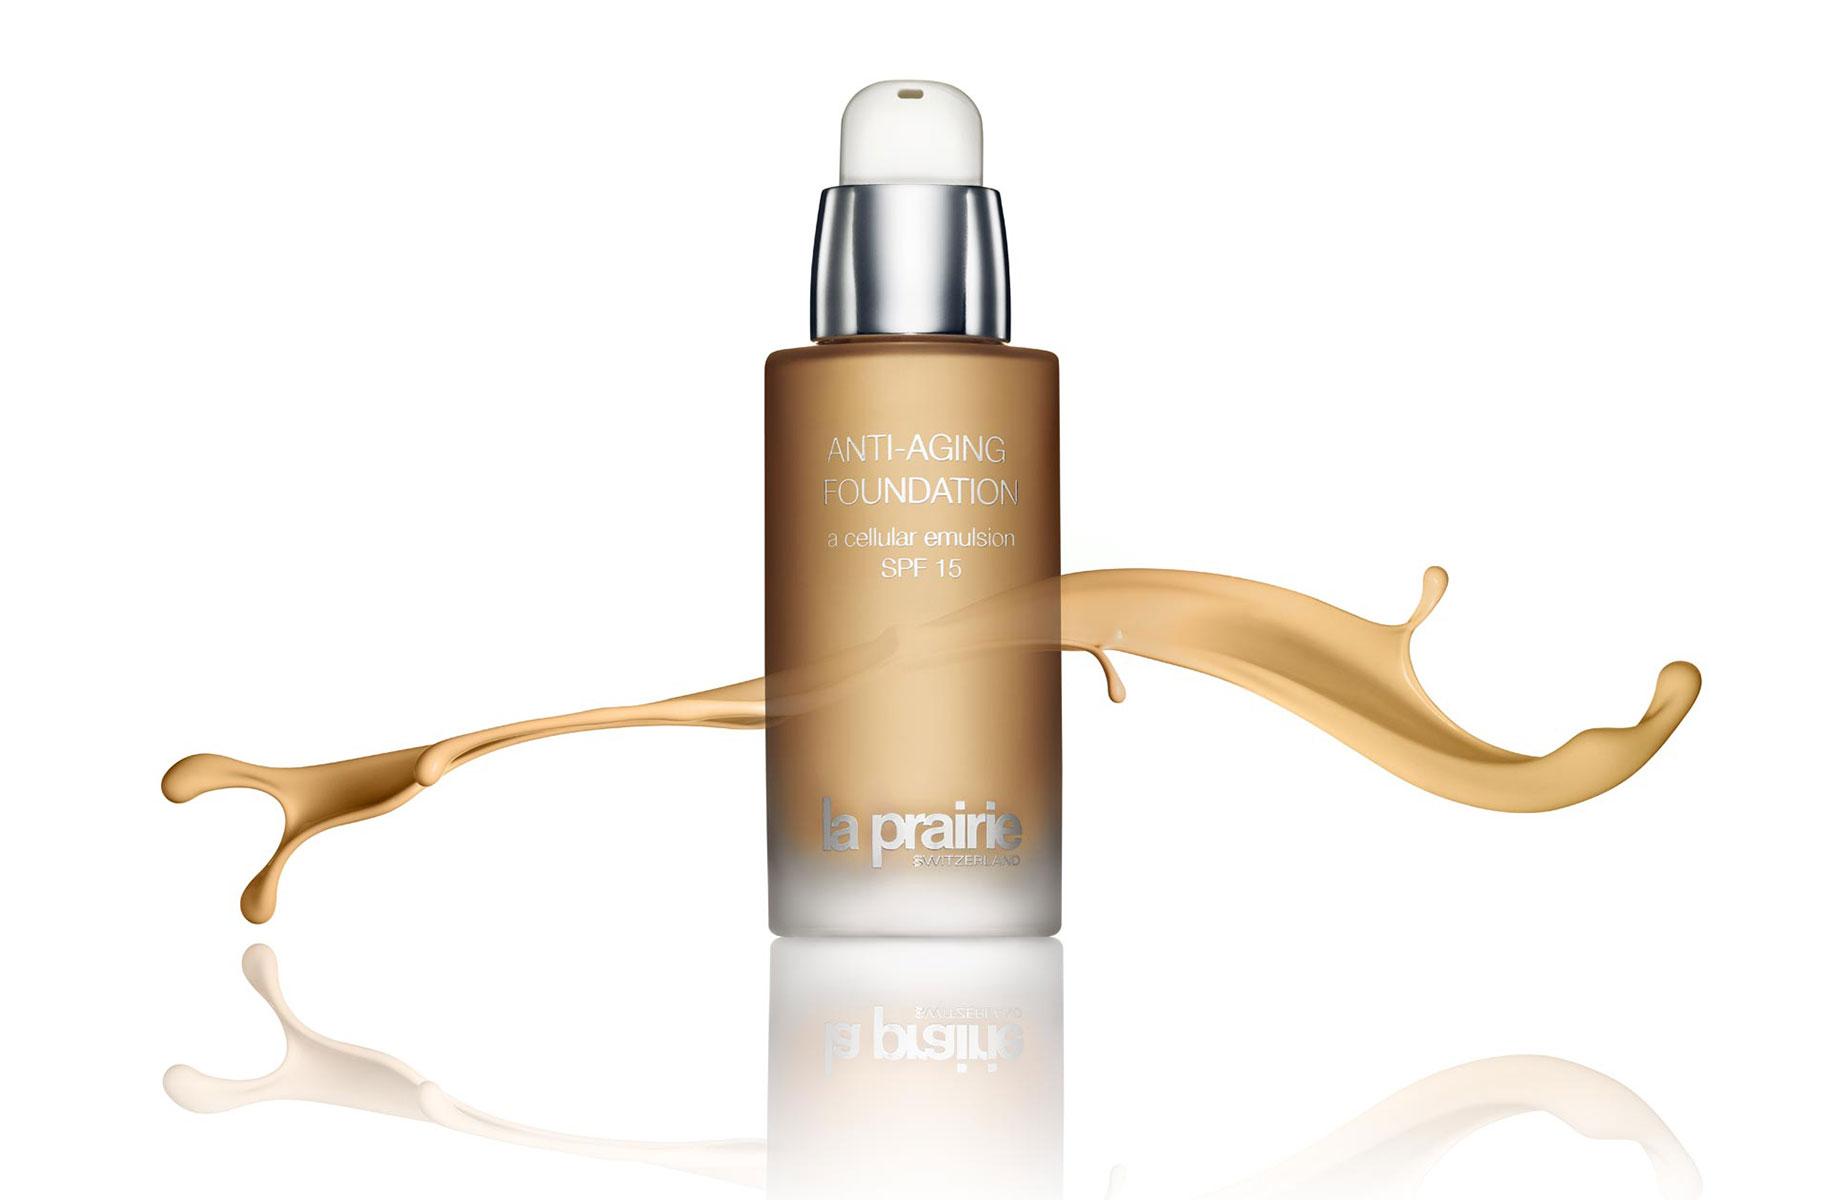 LaPrairie, Foundation, Cosmetics, Liquid